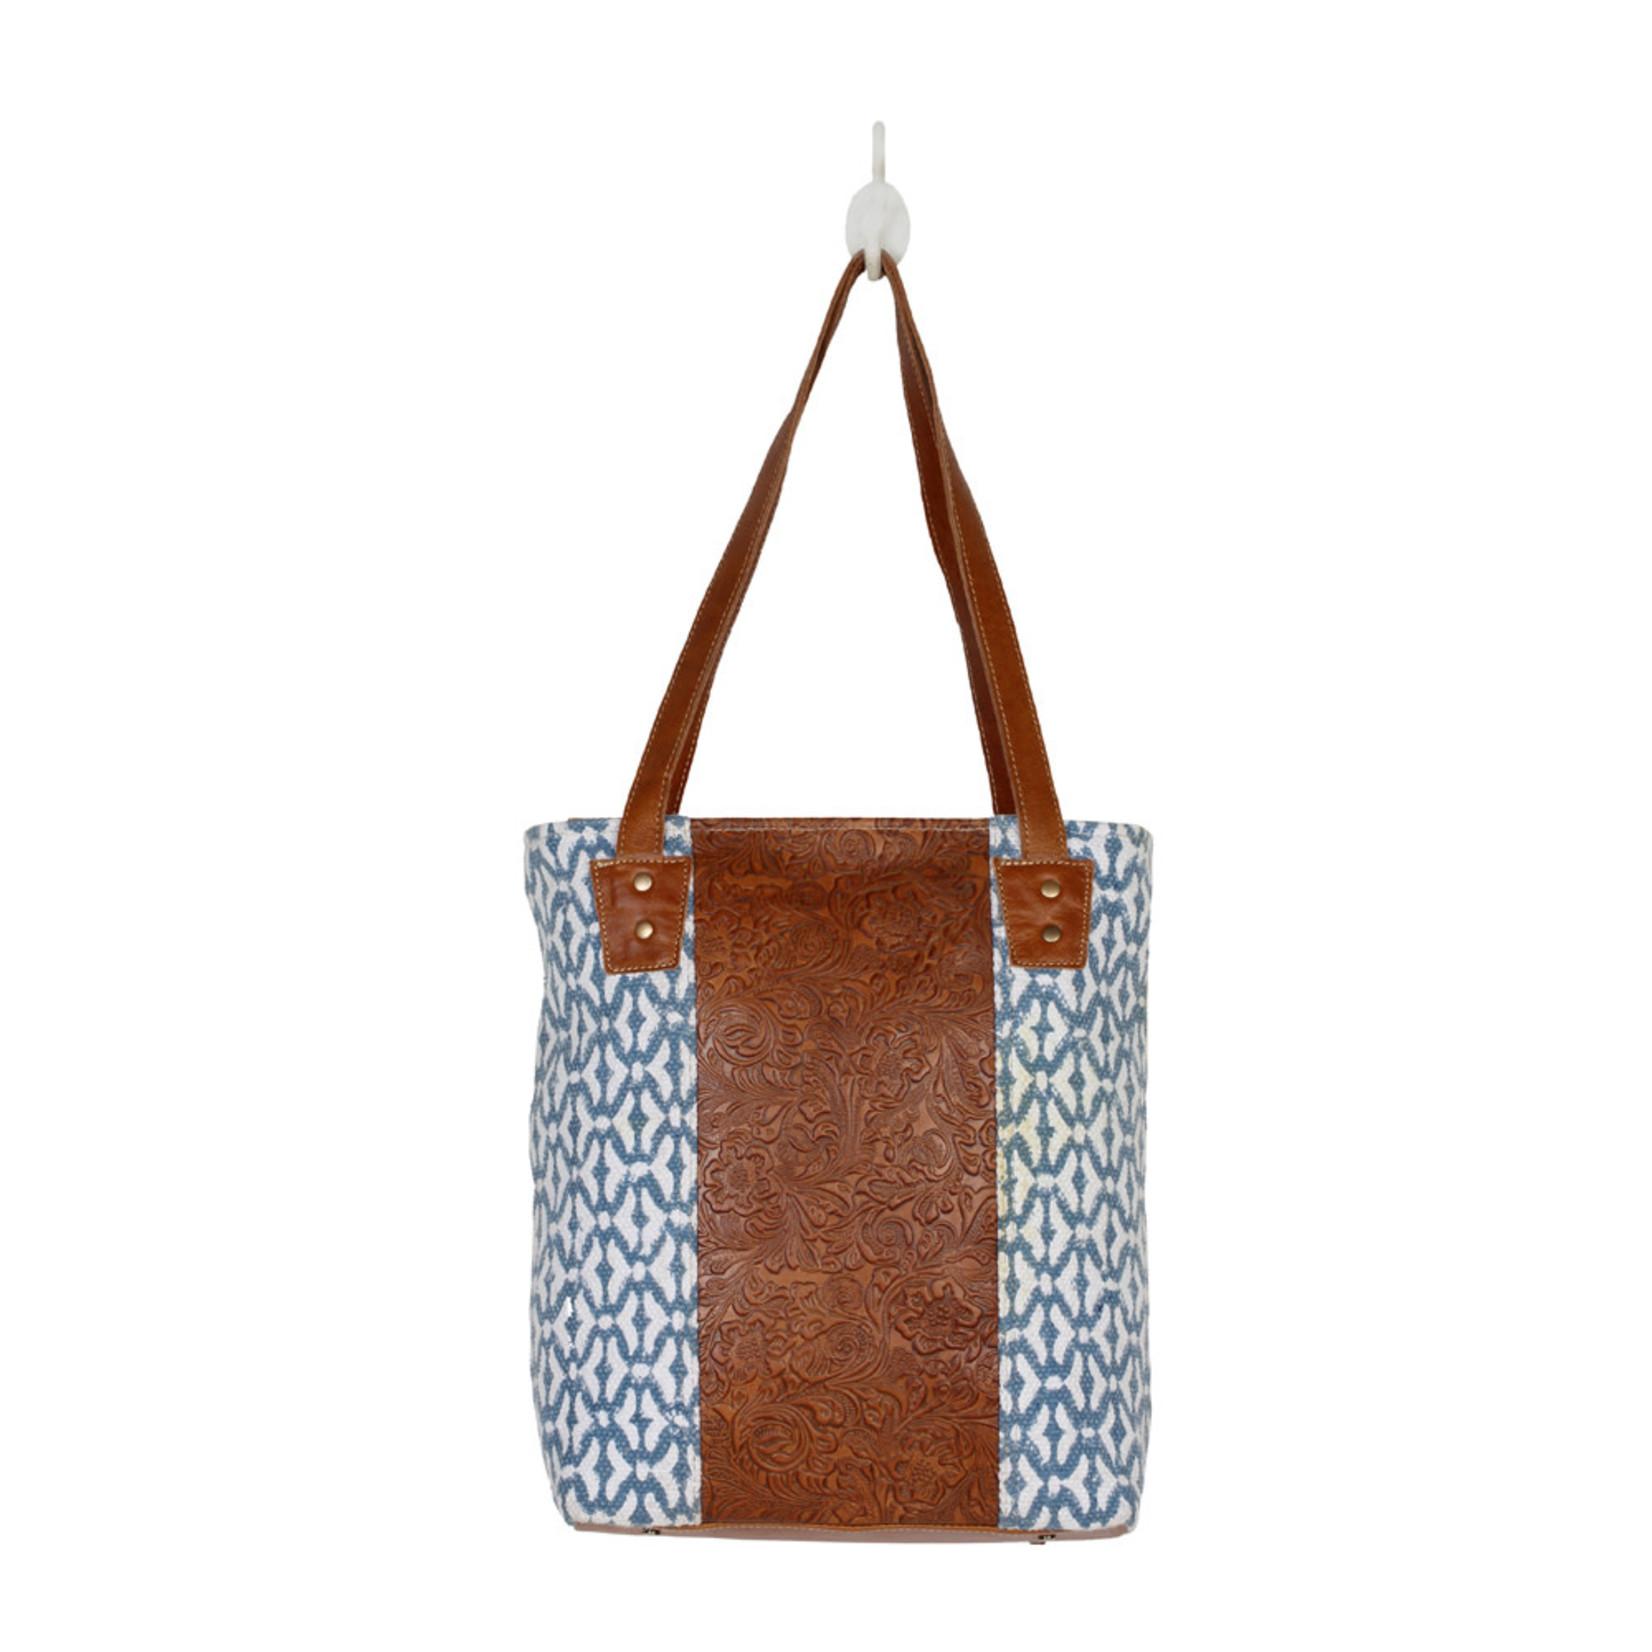 Myra Bags S-2622 Diverse Tote Bag